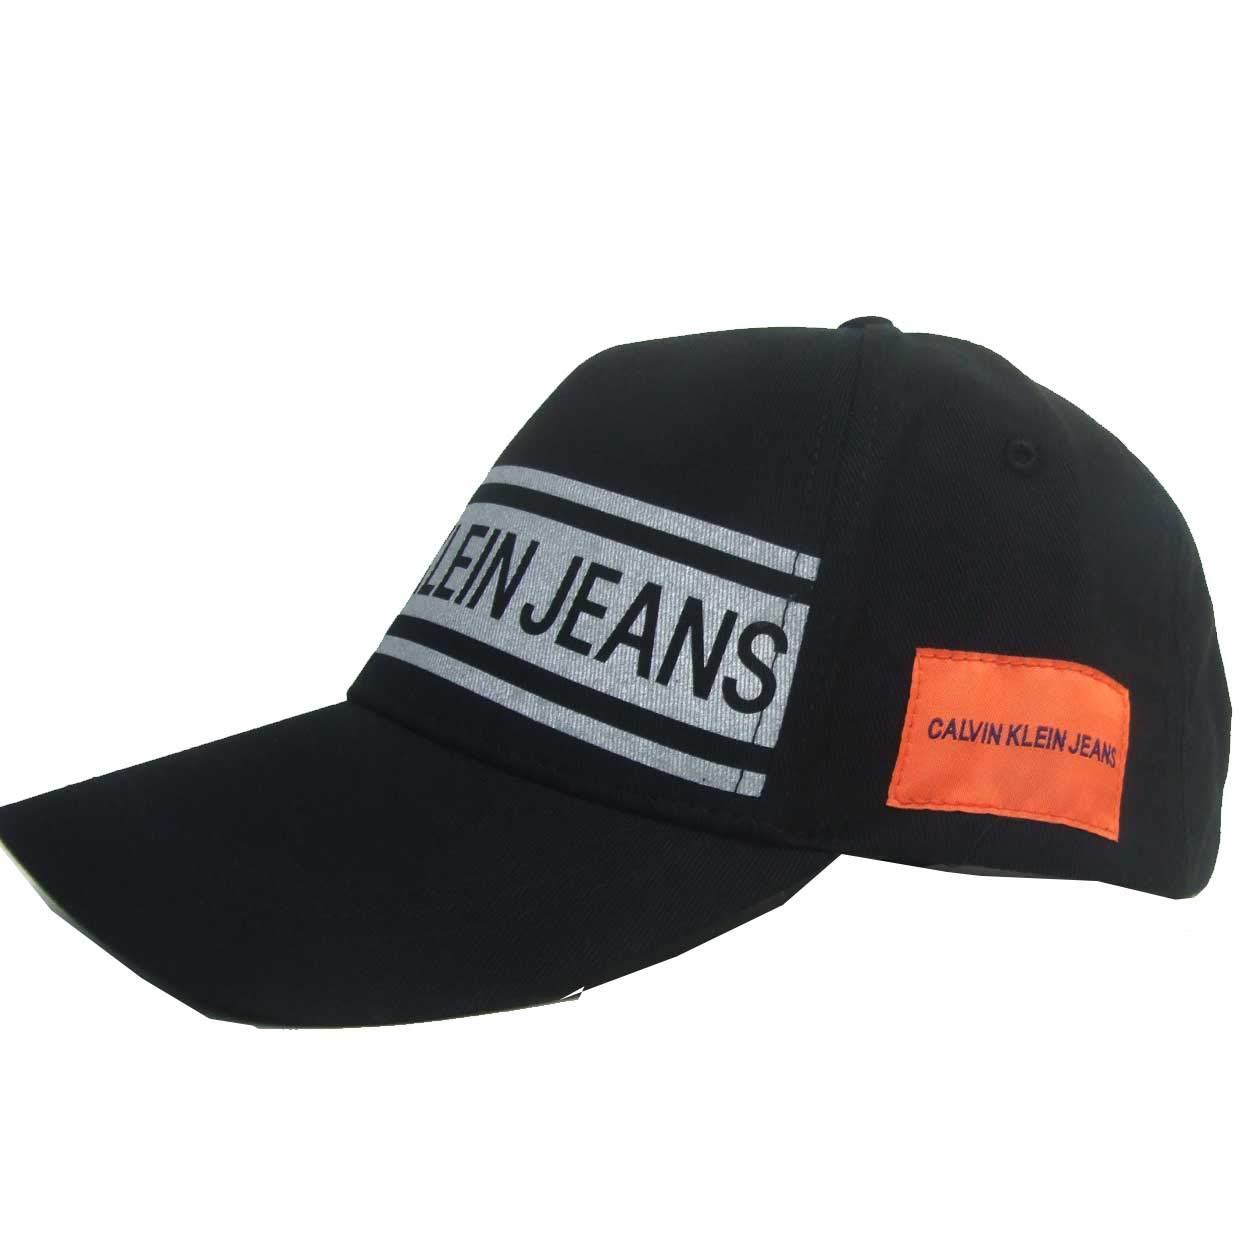 Calvin Klein Reflective - Sombreros Y Gorras - One Size Hombres: Amazon.es: Ropa y accesorios